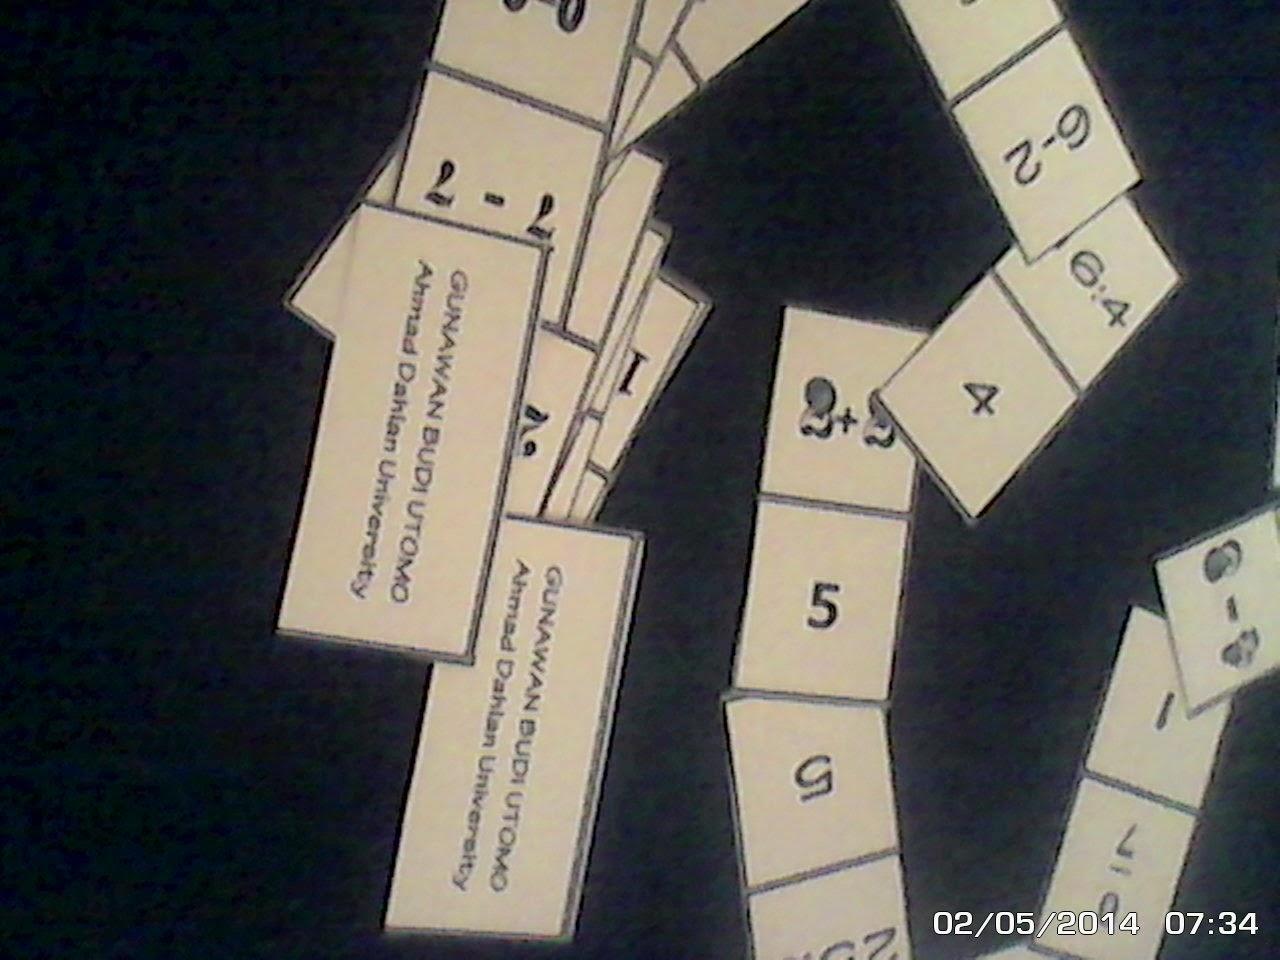 Domat Domino Matematika Yang Wajib Diketahui